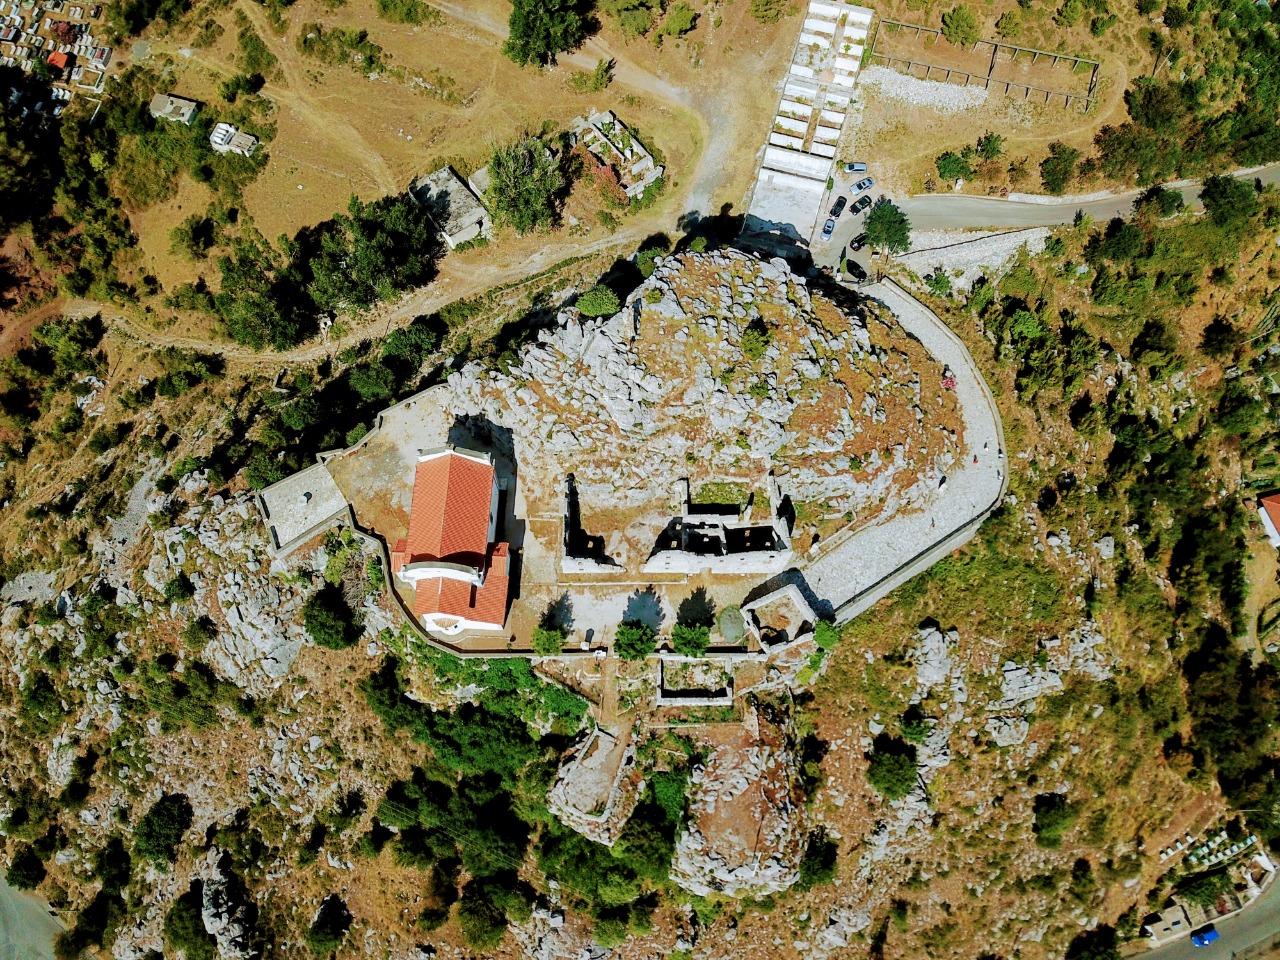 FOTO/ Monument me vlera unikale, nis restaurimi i Kishës së Manastirit të Rubikut